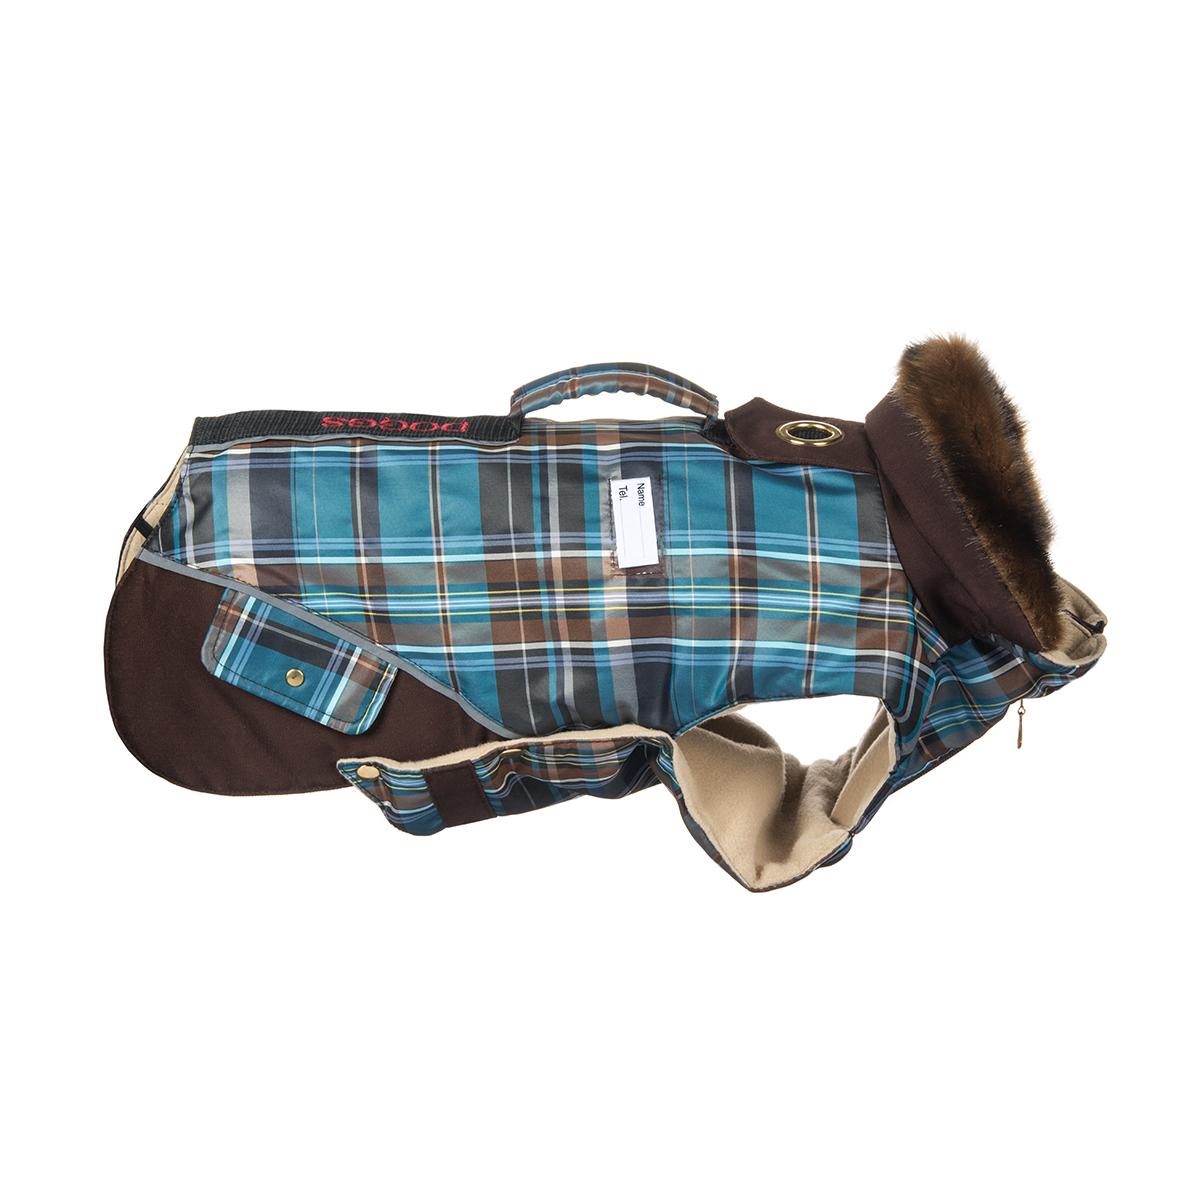 Попона для собак Dogmoda Doggs, для мальчика, цвет: синий, коричневый. Размер XL комбинезоны для животных dogmoda комбинезон doggs active 70 сука